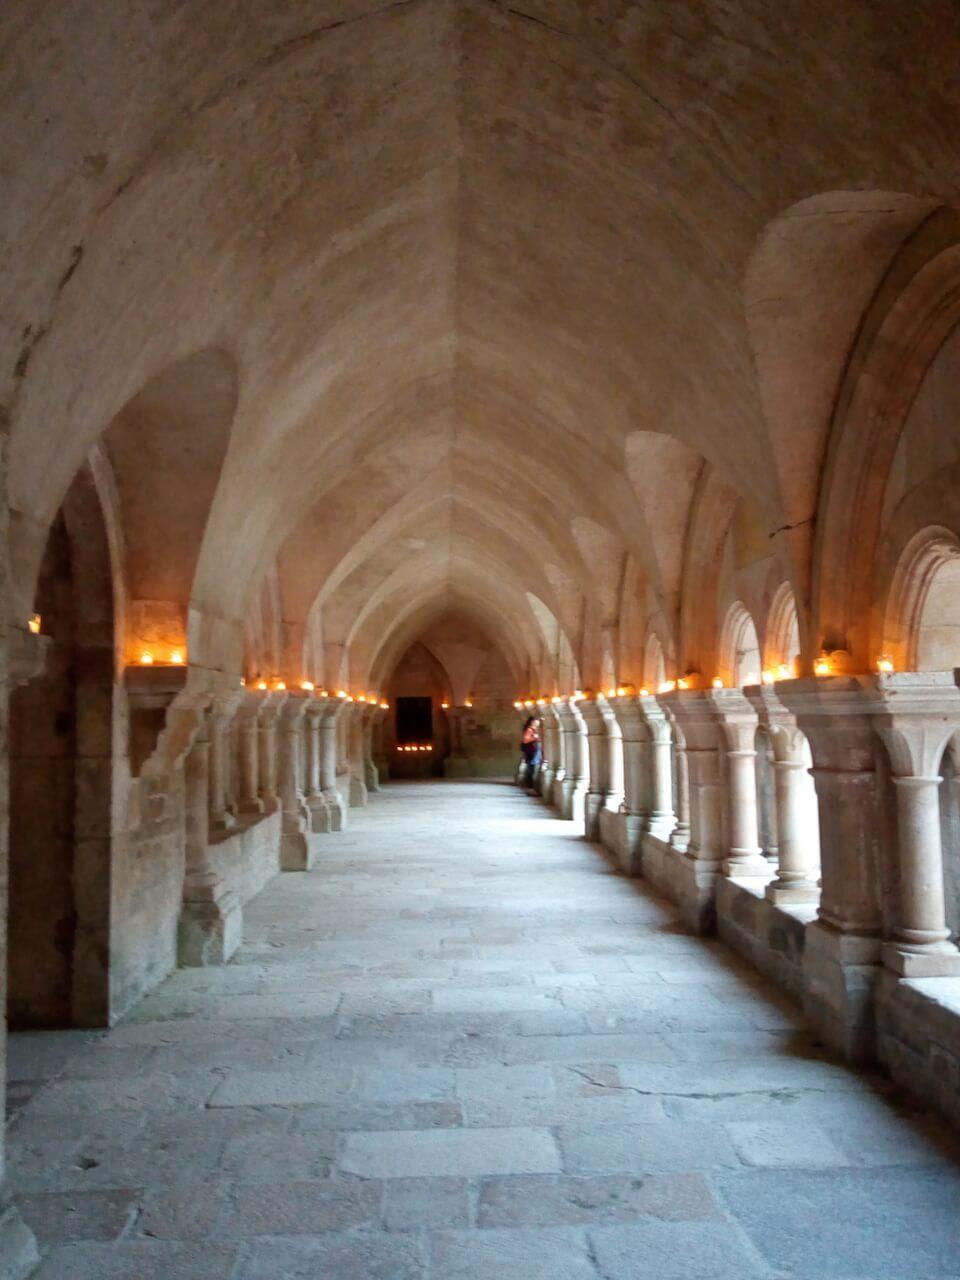 fontenay-vézelay-abbaye-cloitre